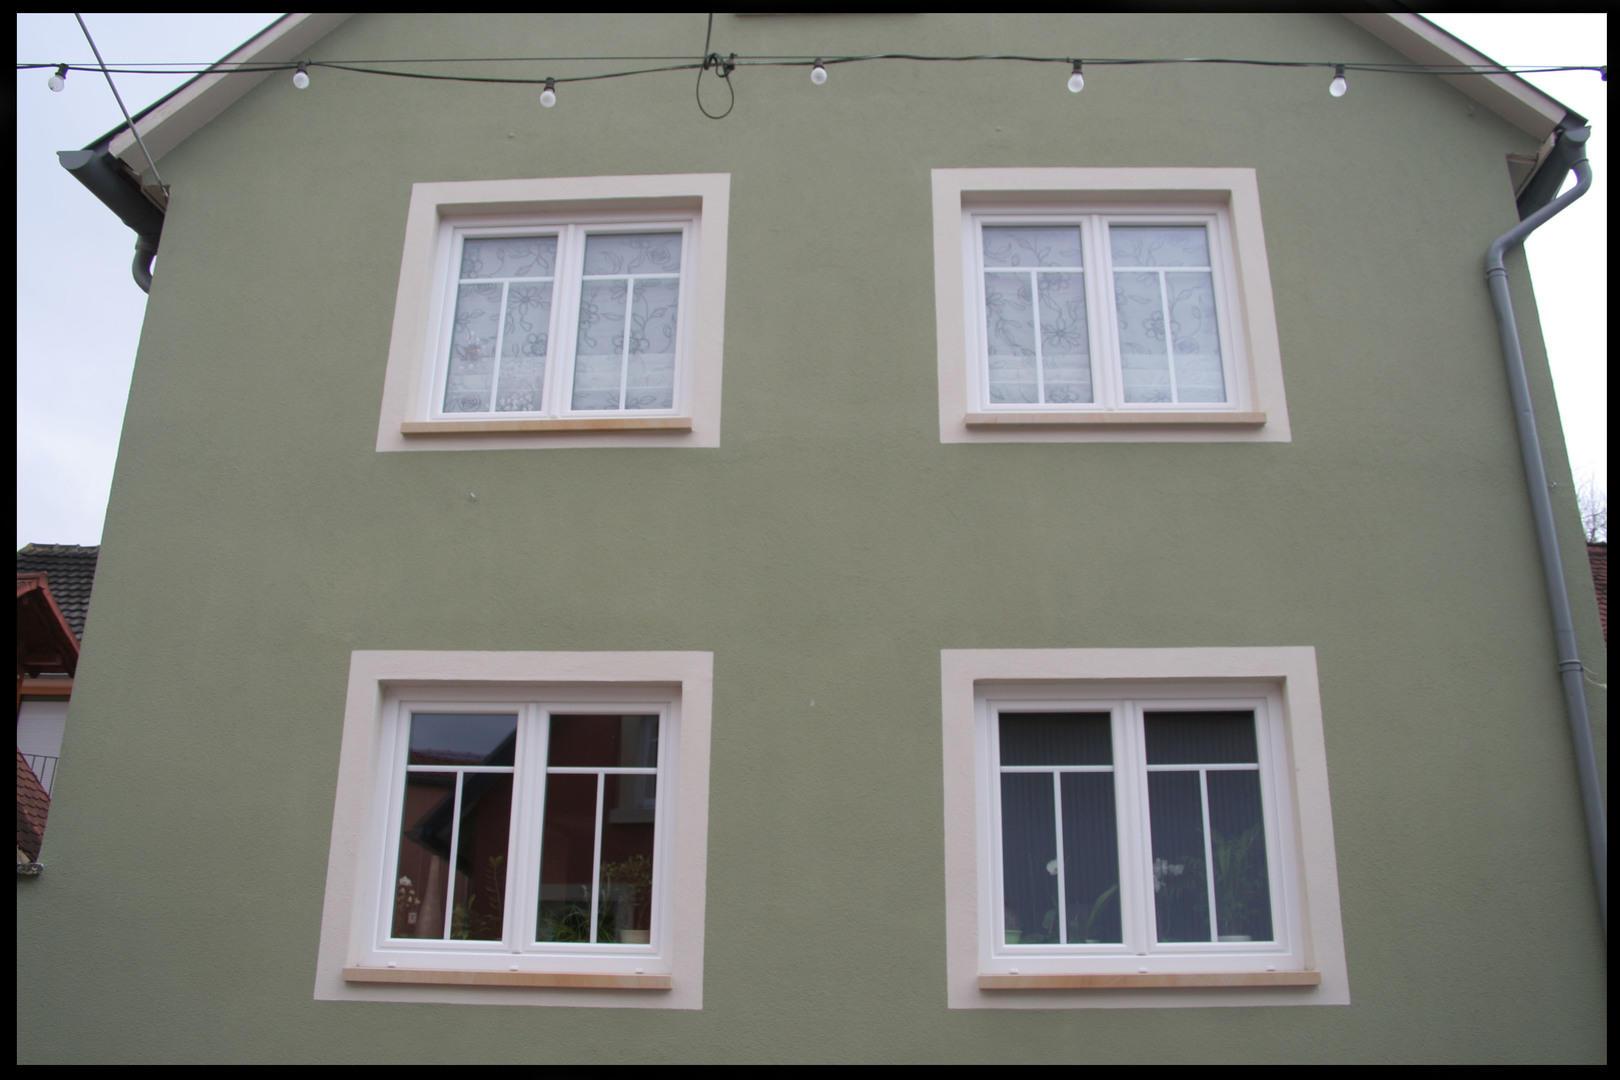 Weiße Kunststofffenster kunststofffenster fenster leistungen montage längsholz frank